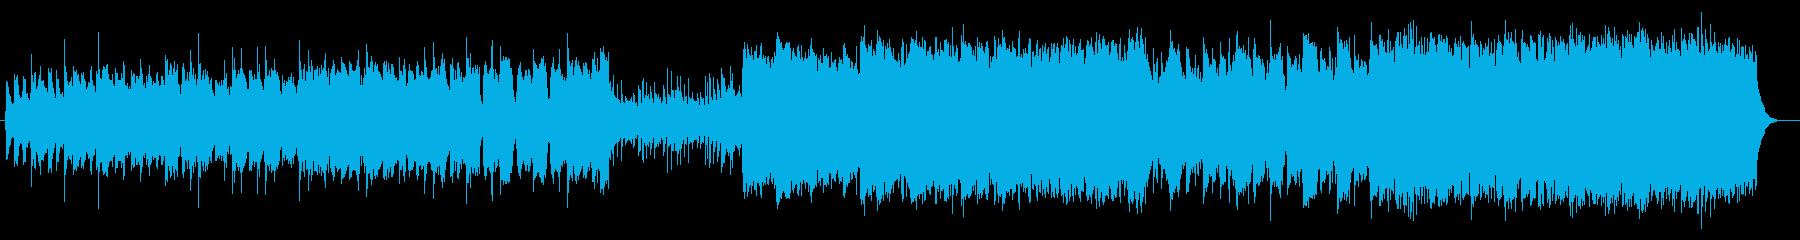 壮大で幻想的でクラシカルなシンセサウンドの再生済みの波形